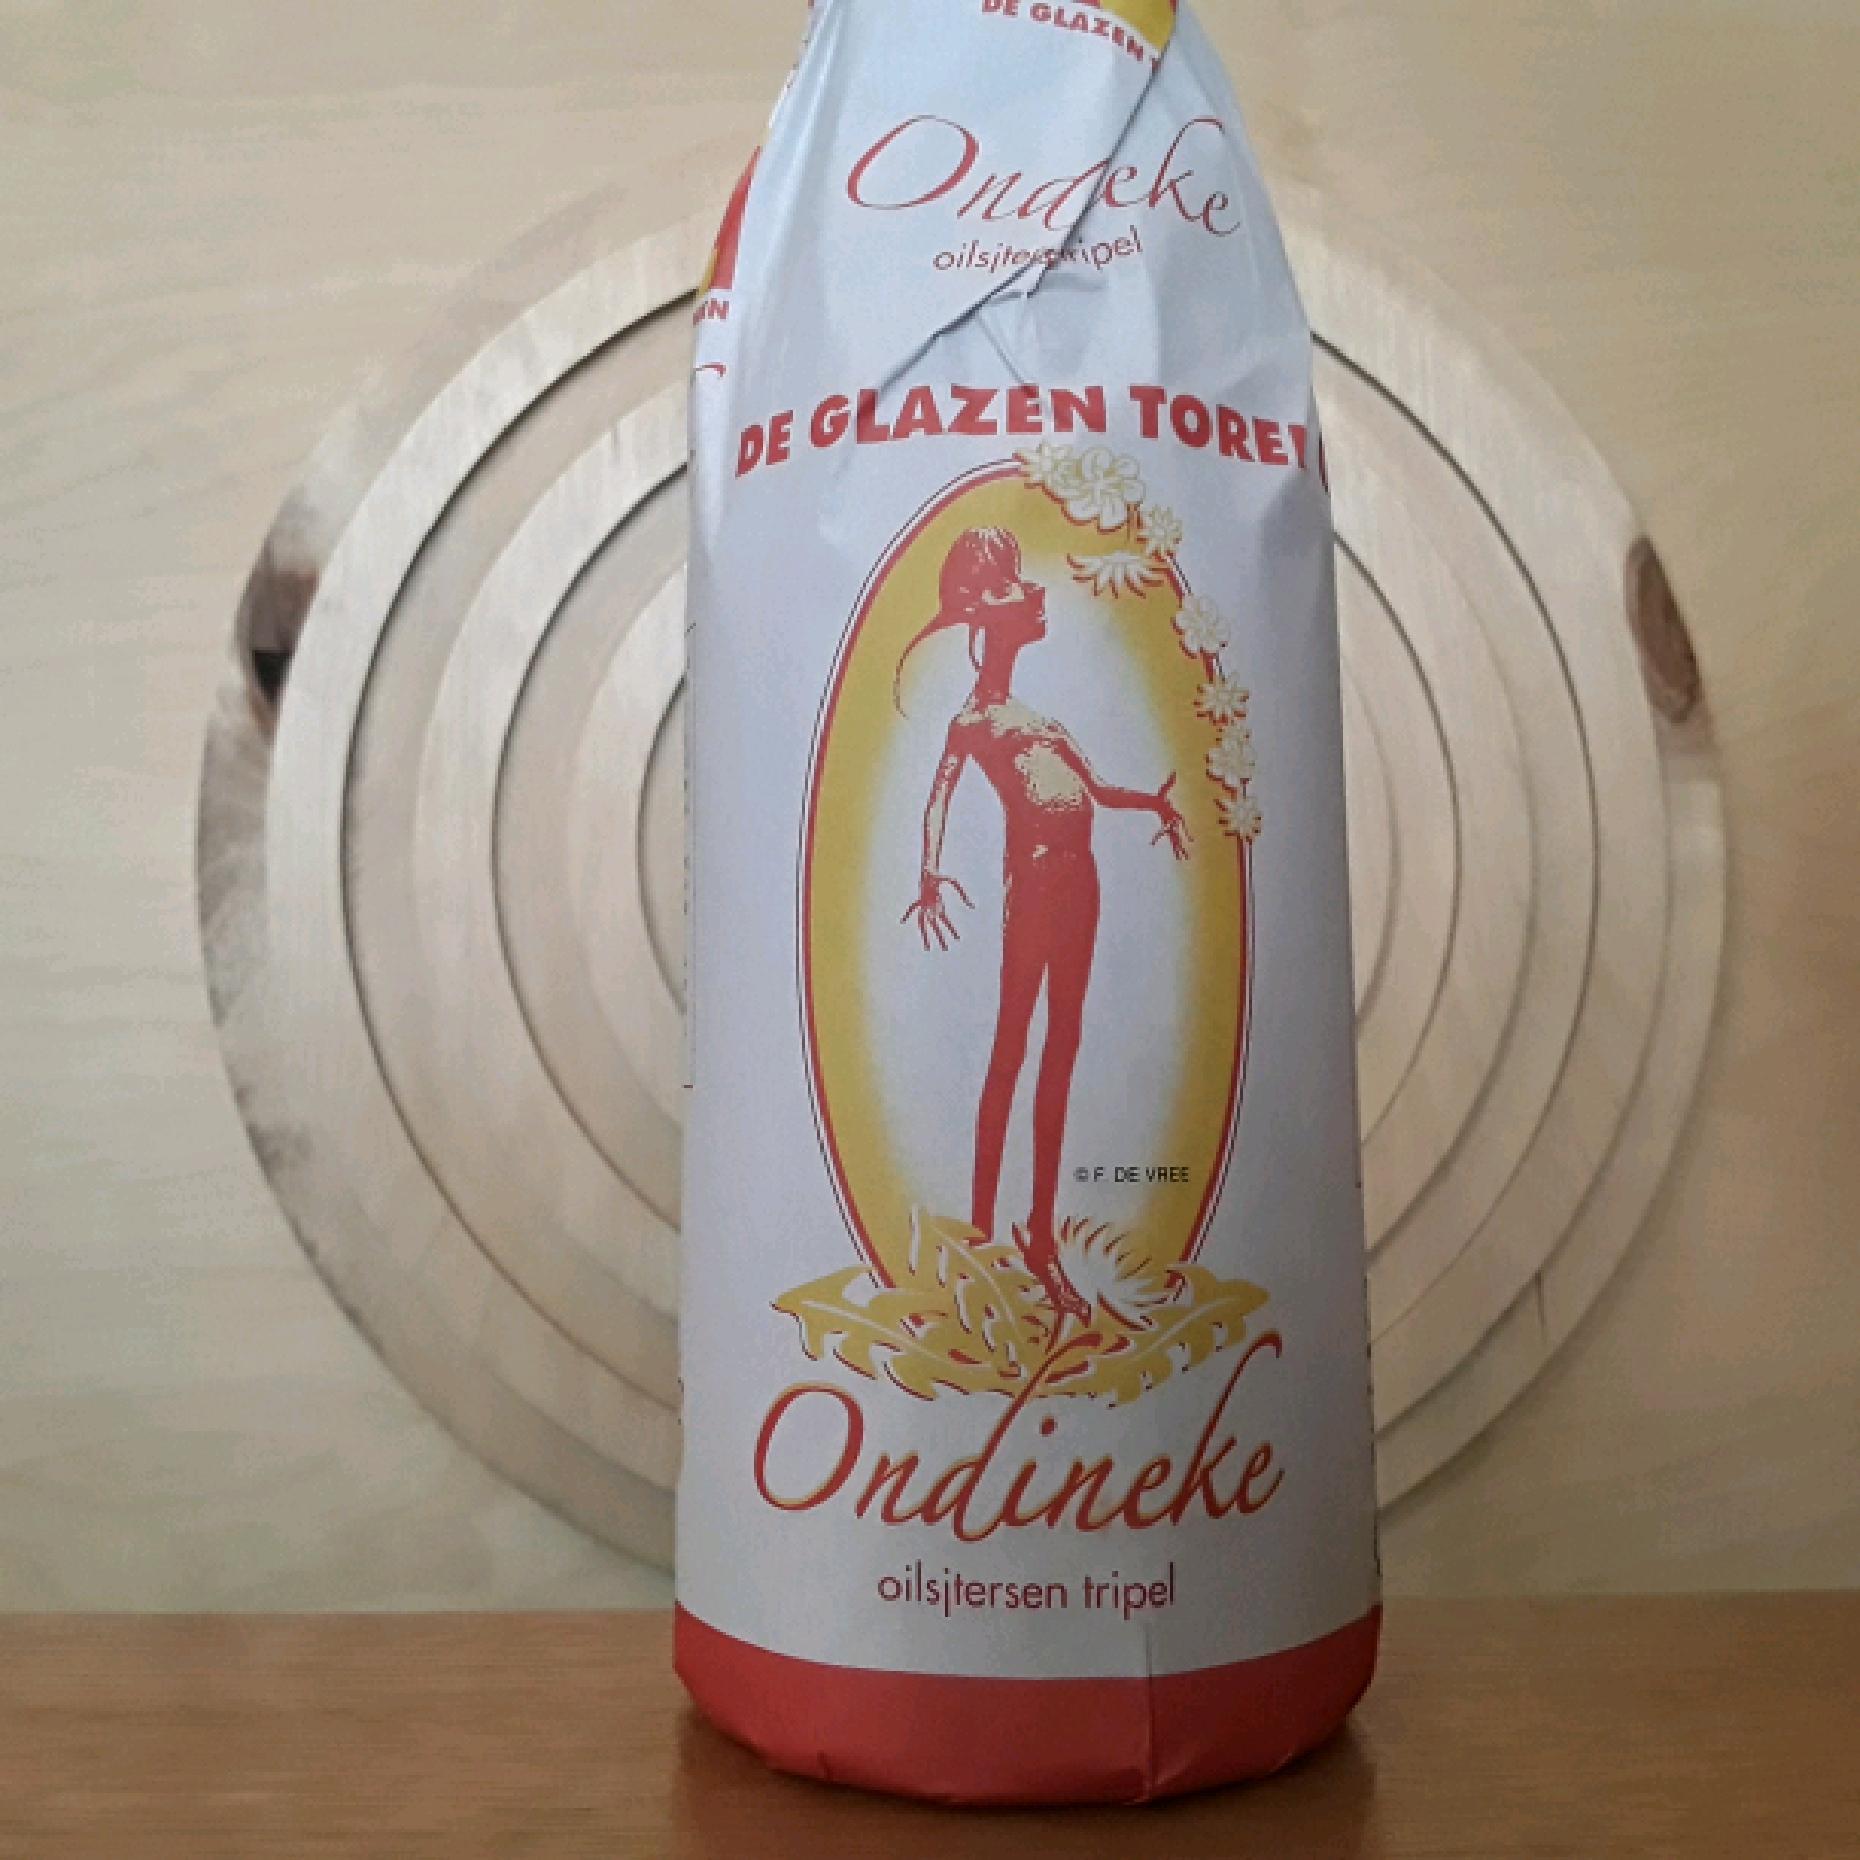 Brouwerij De Glazen Toren | Ondineke Oilsjtersen Tripel